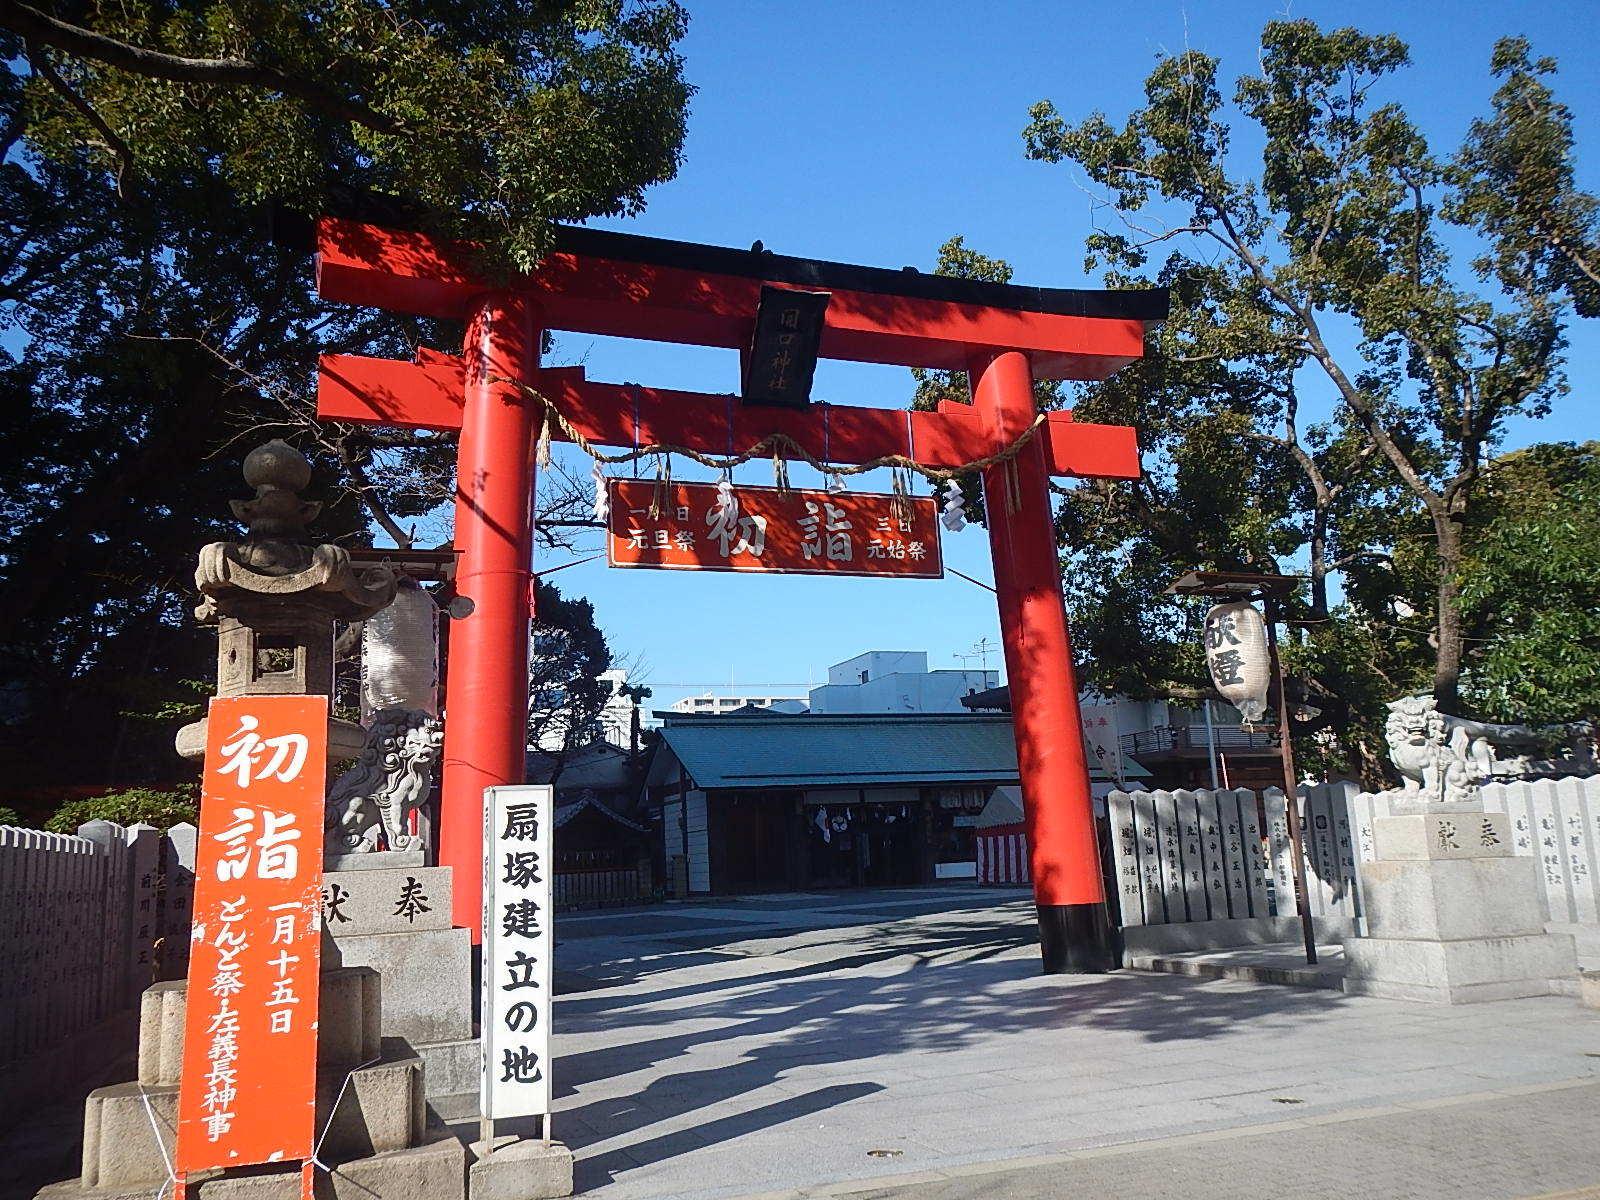 2nd おっさんぽ in 少林寺町_a0386742_10563654.jpg